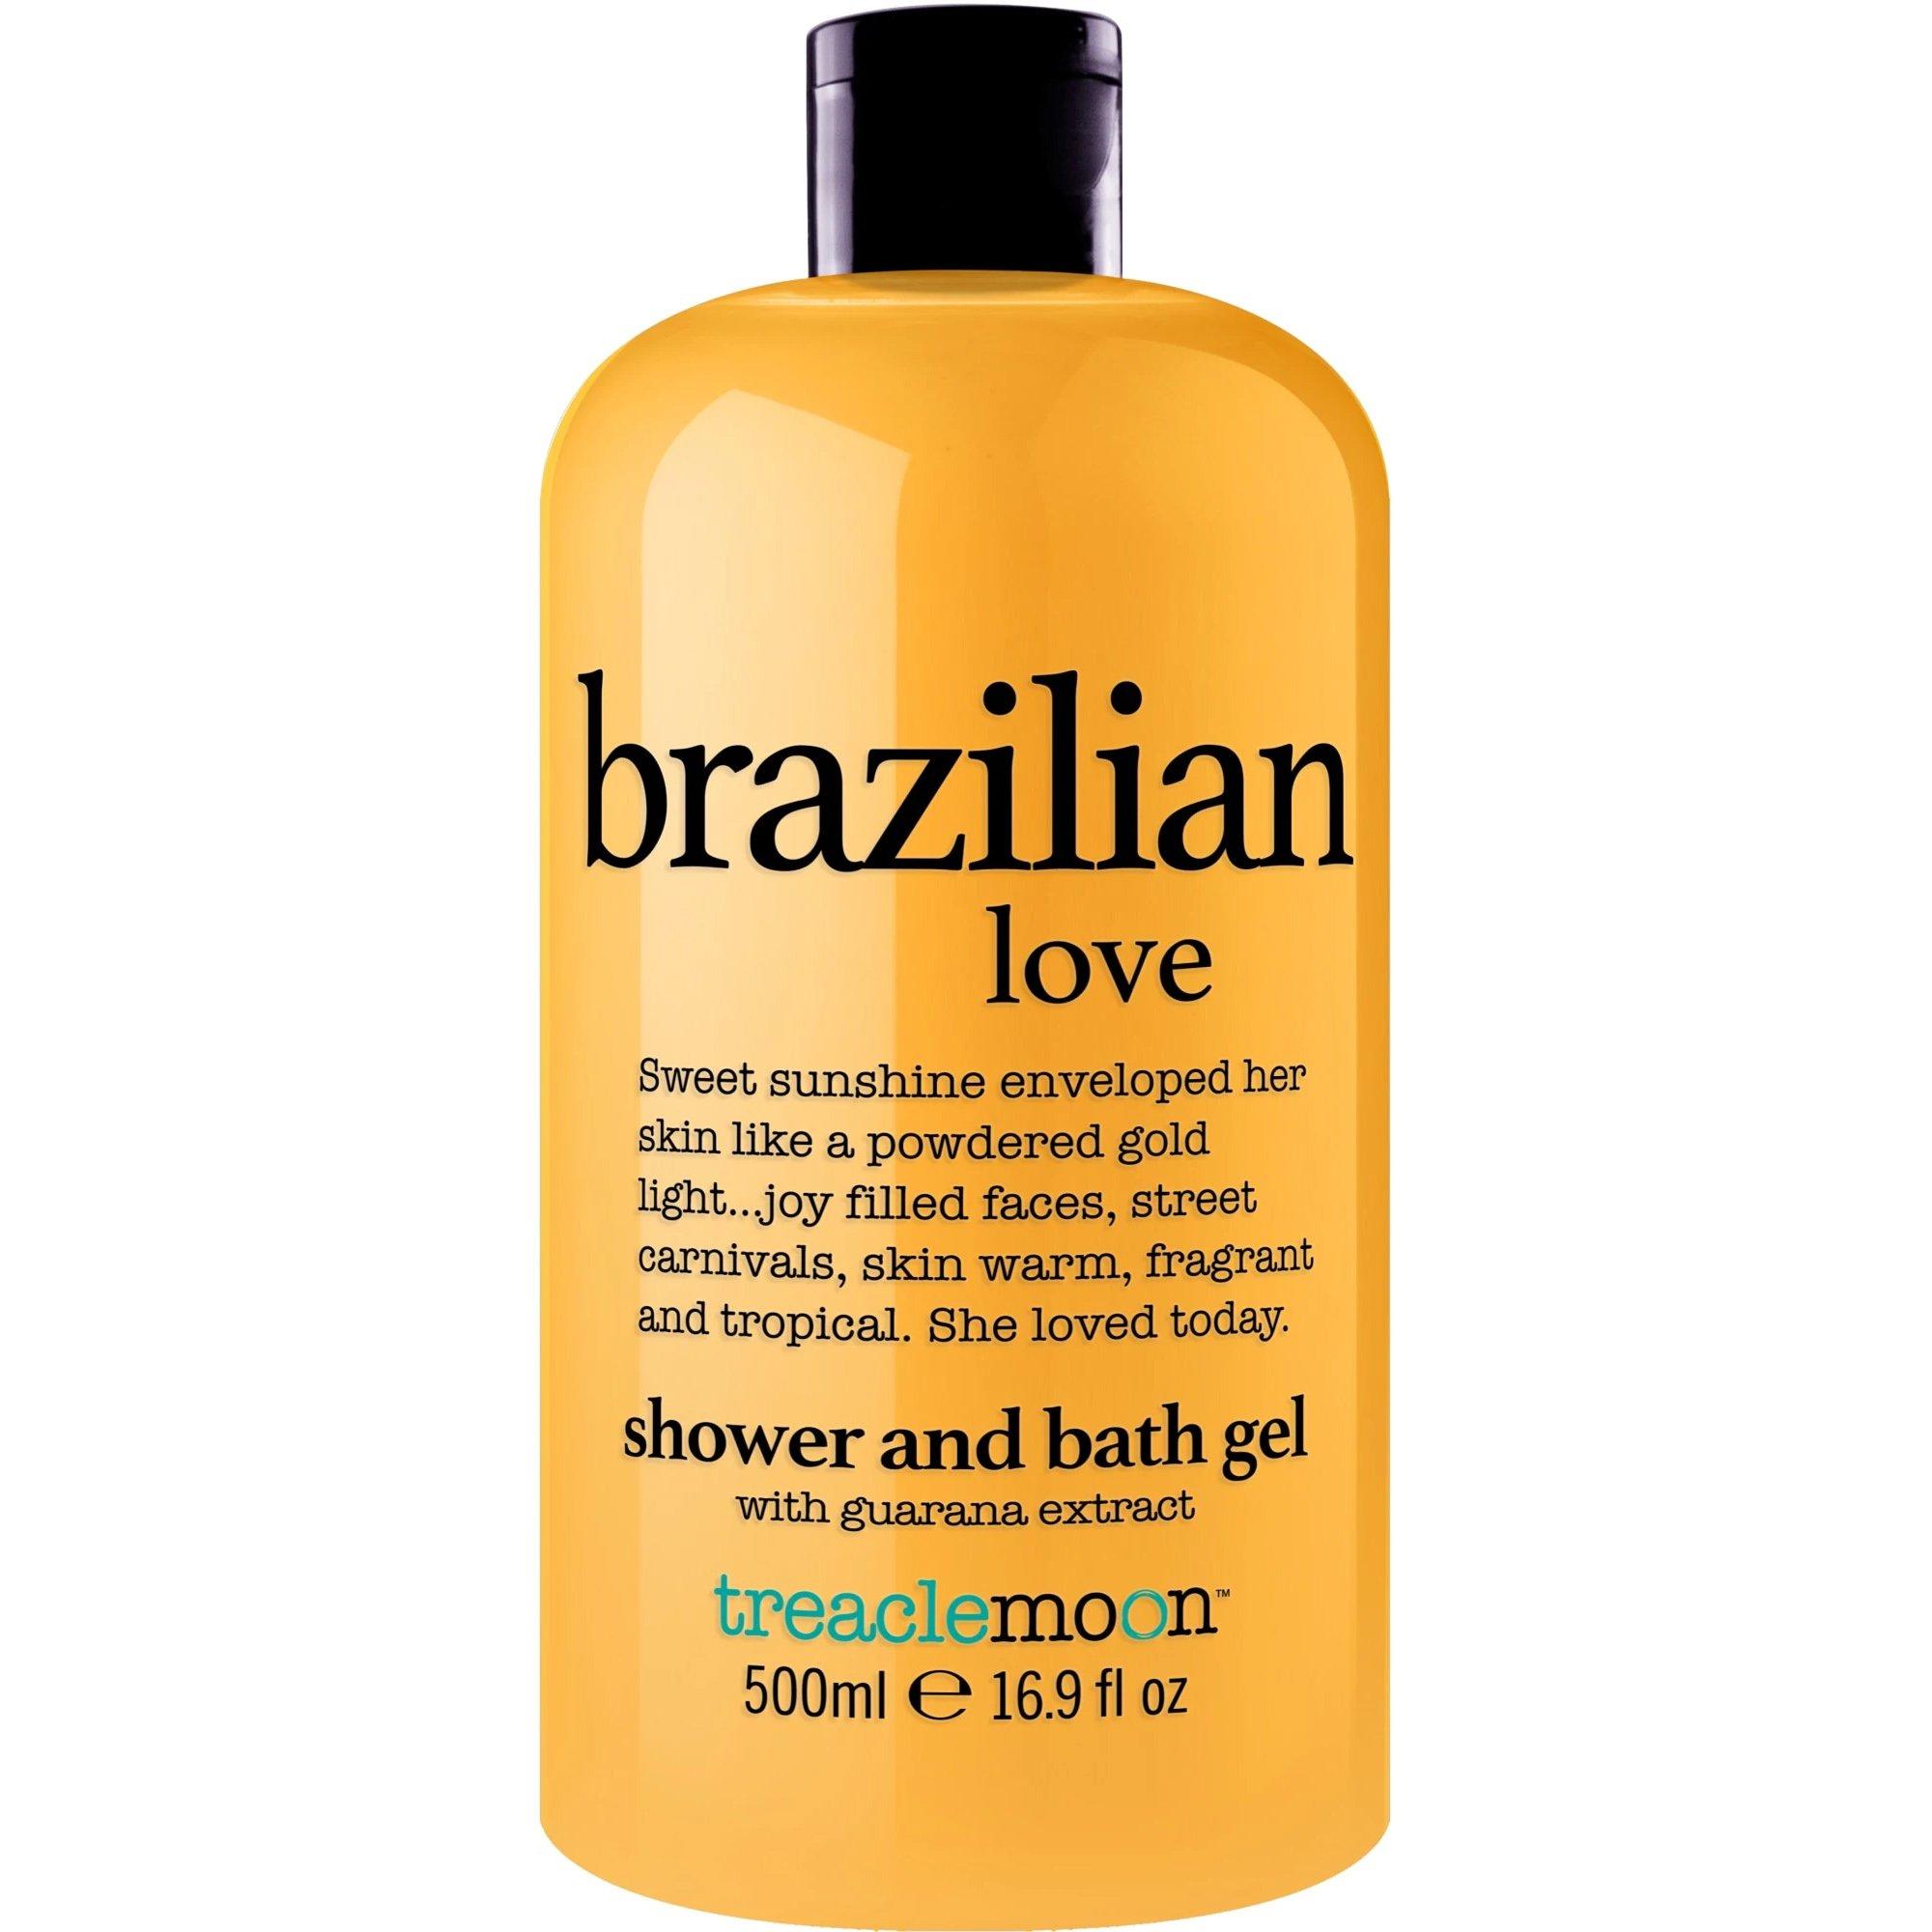 Treaclemoon Brazilian Love Shower & Bath Gel Αναζωογονητικό & Ενυδατικό Αφρόλουτρο Σώματος με Εκχύλισμα Γκουαρανά 500ml